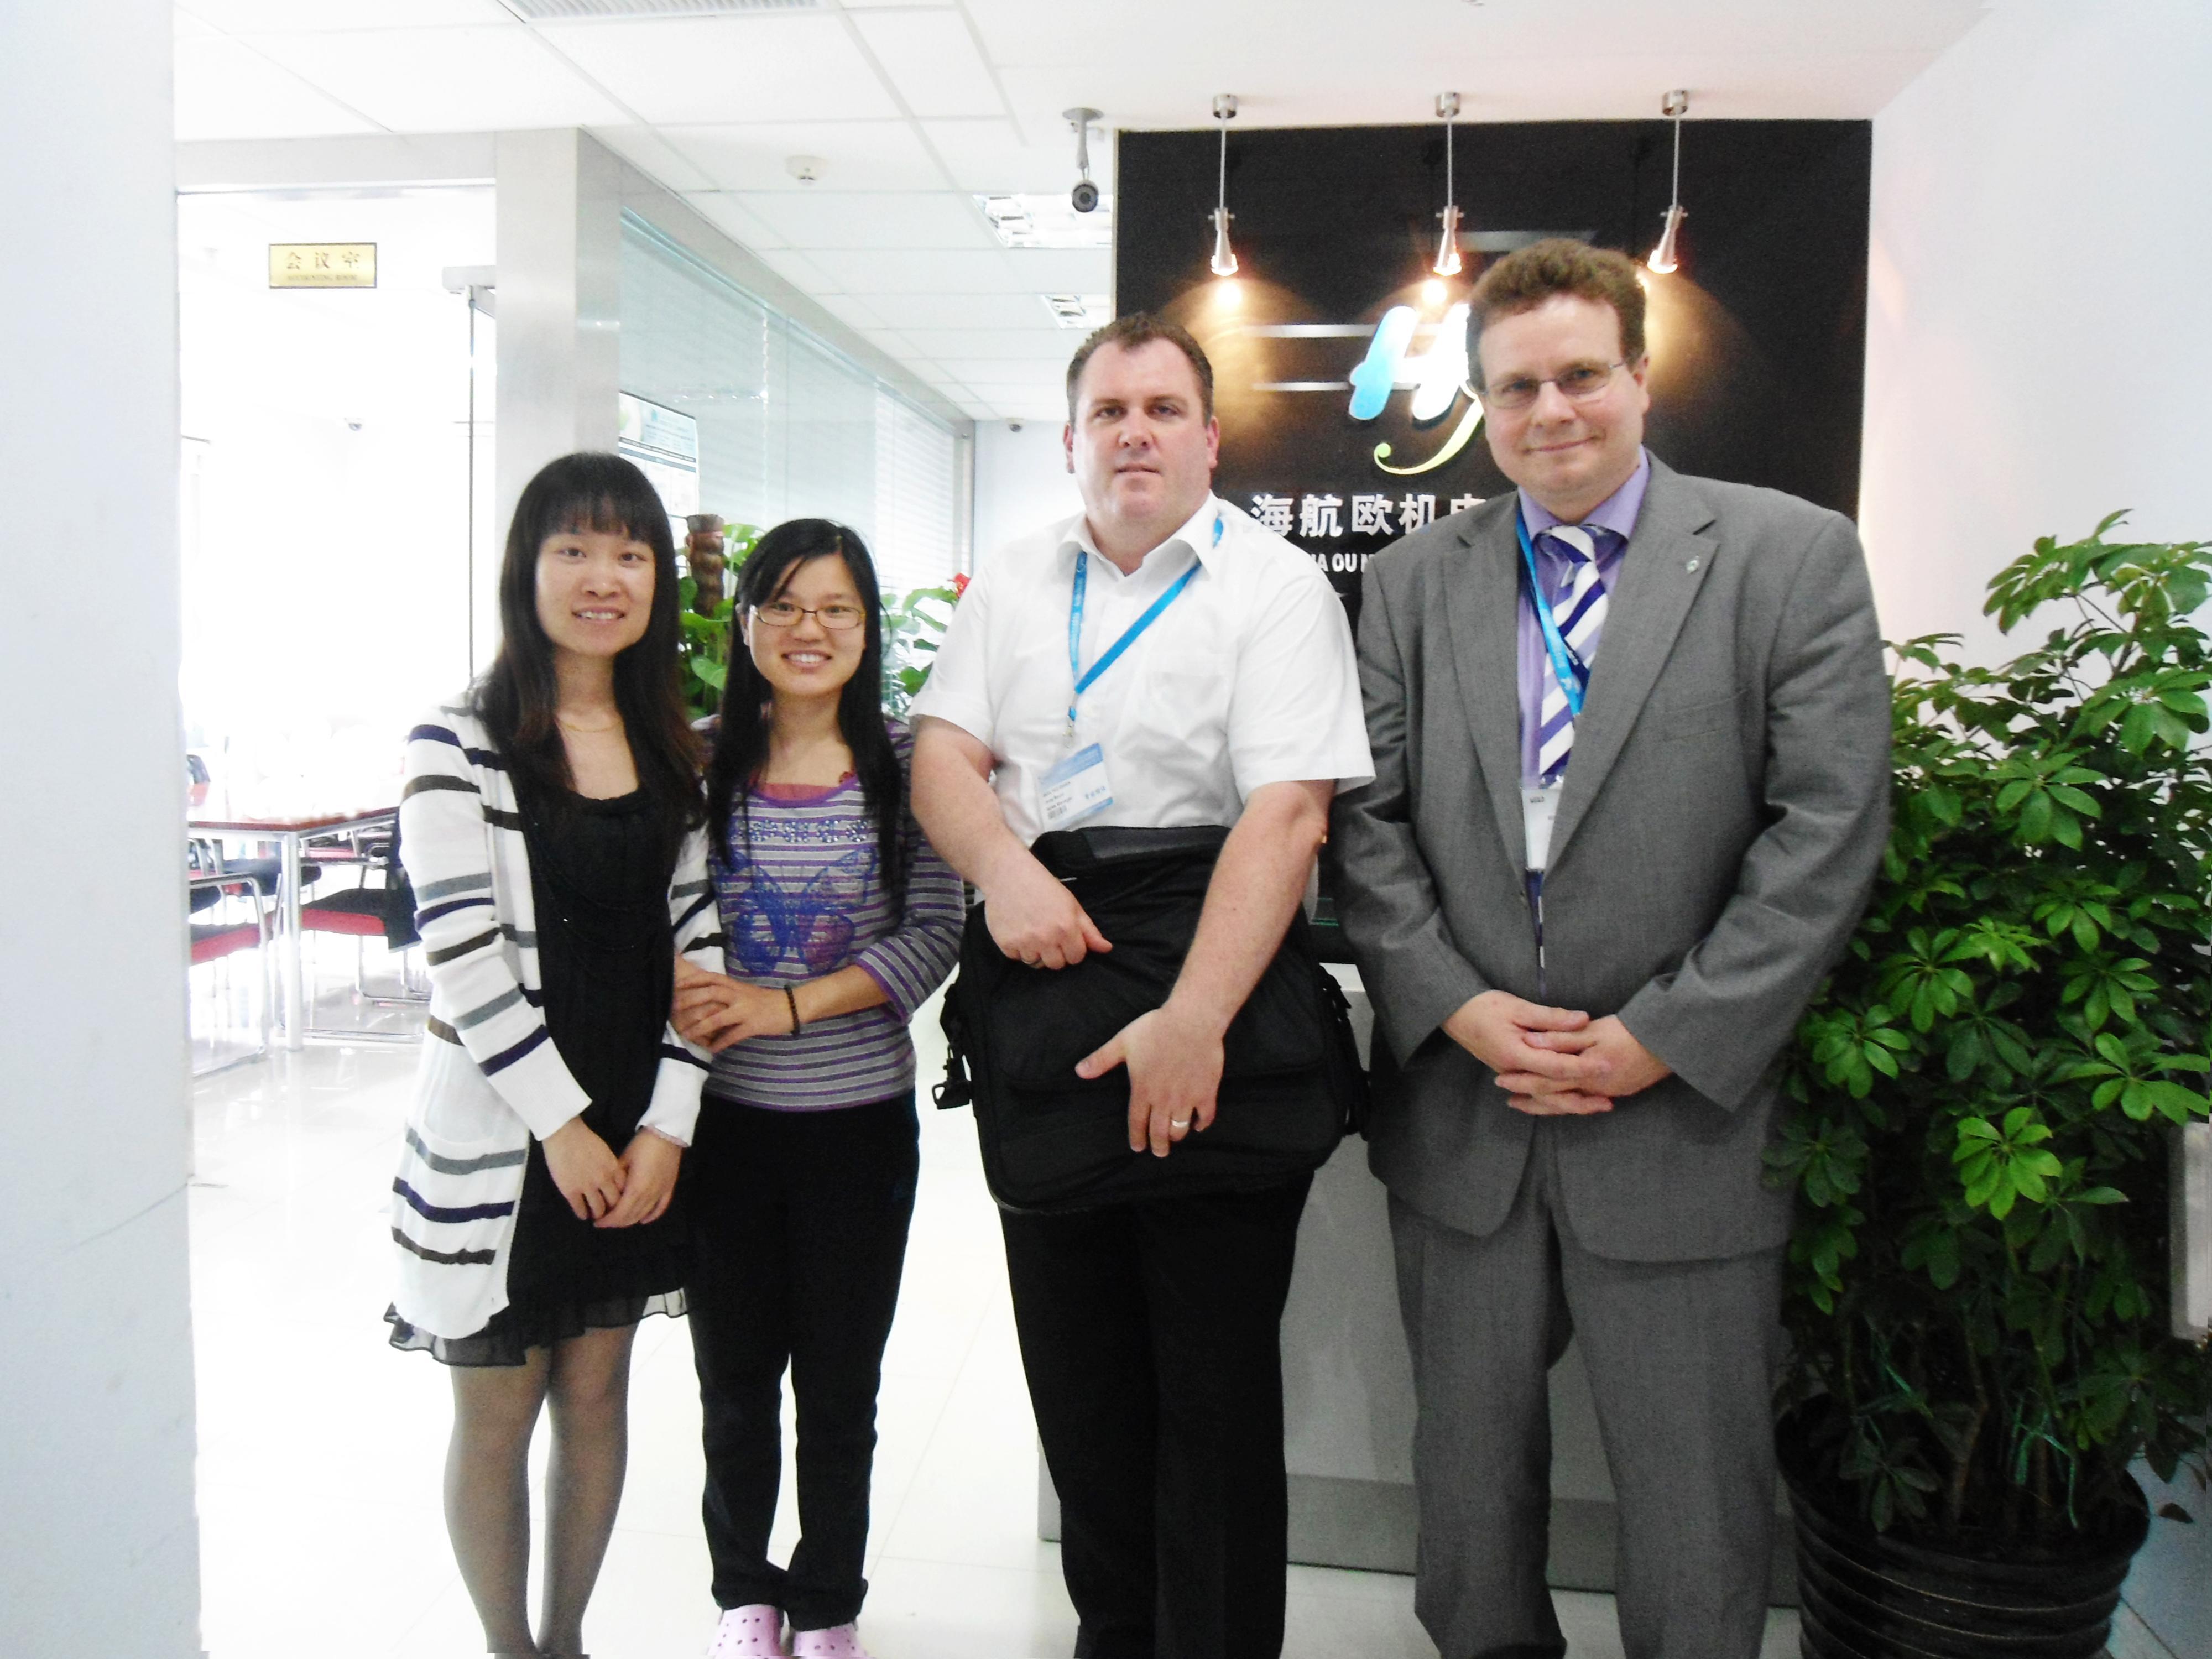 2012年5月,德国SOILTEC厂家莅临我司,双方就长期友好合作达成一致。